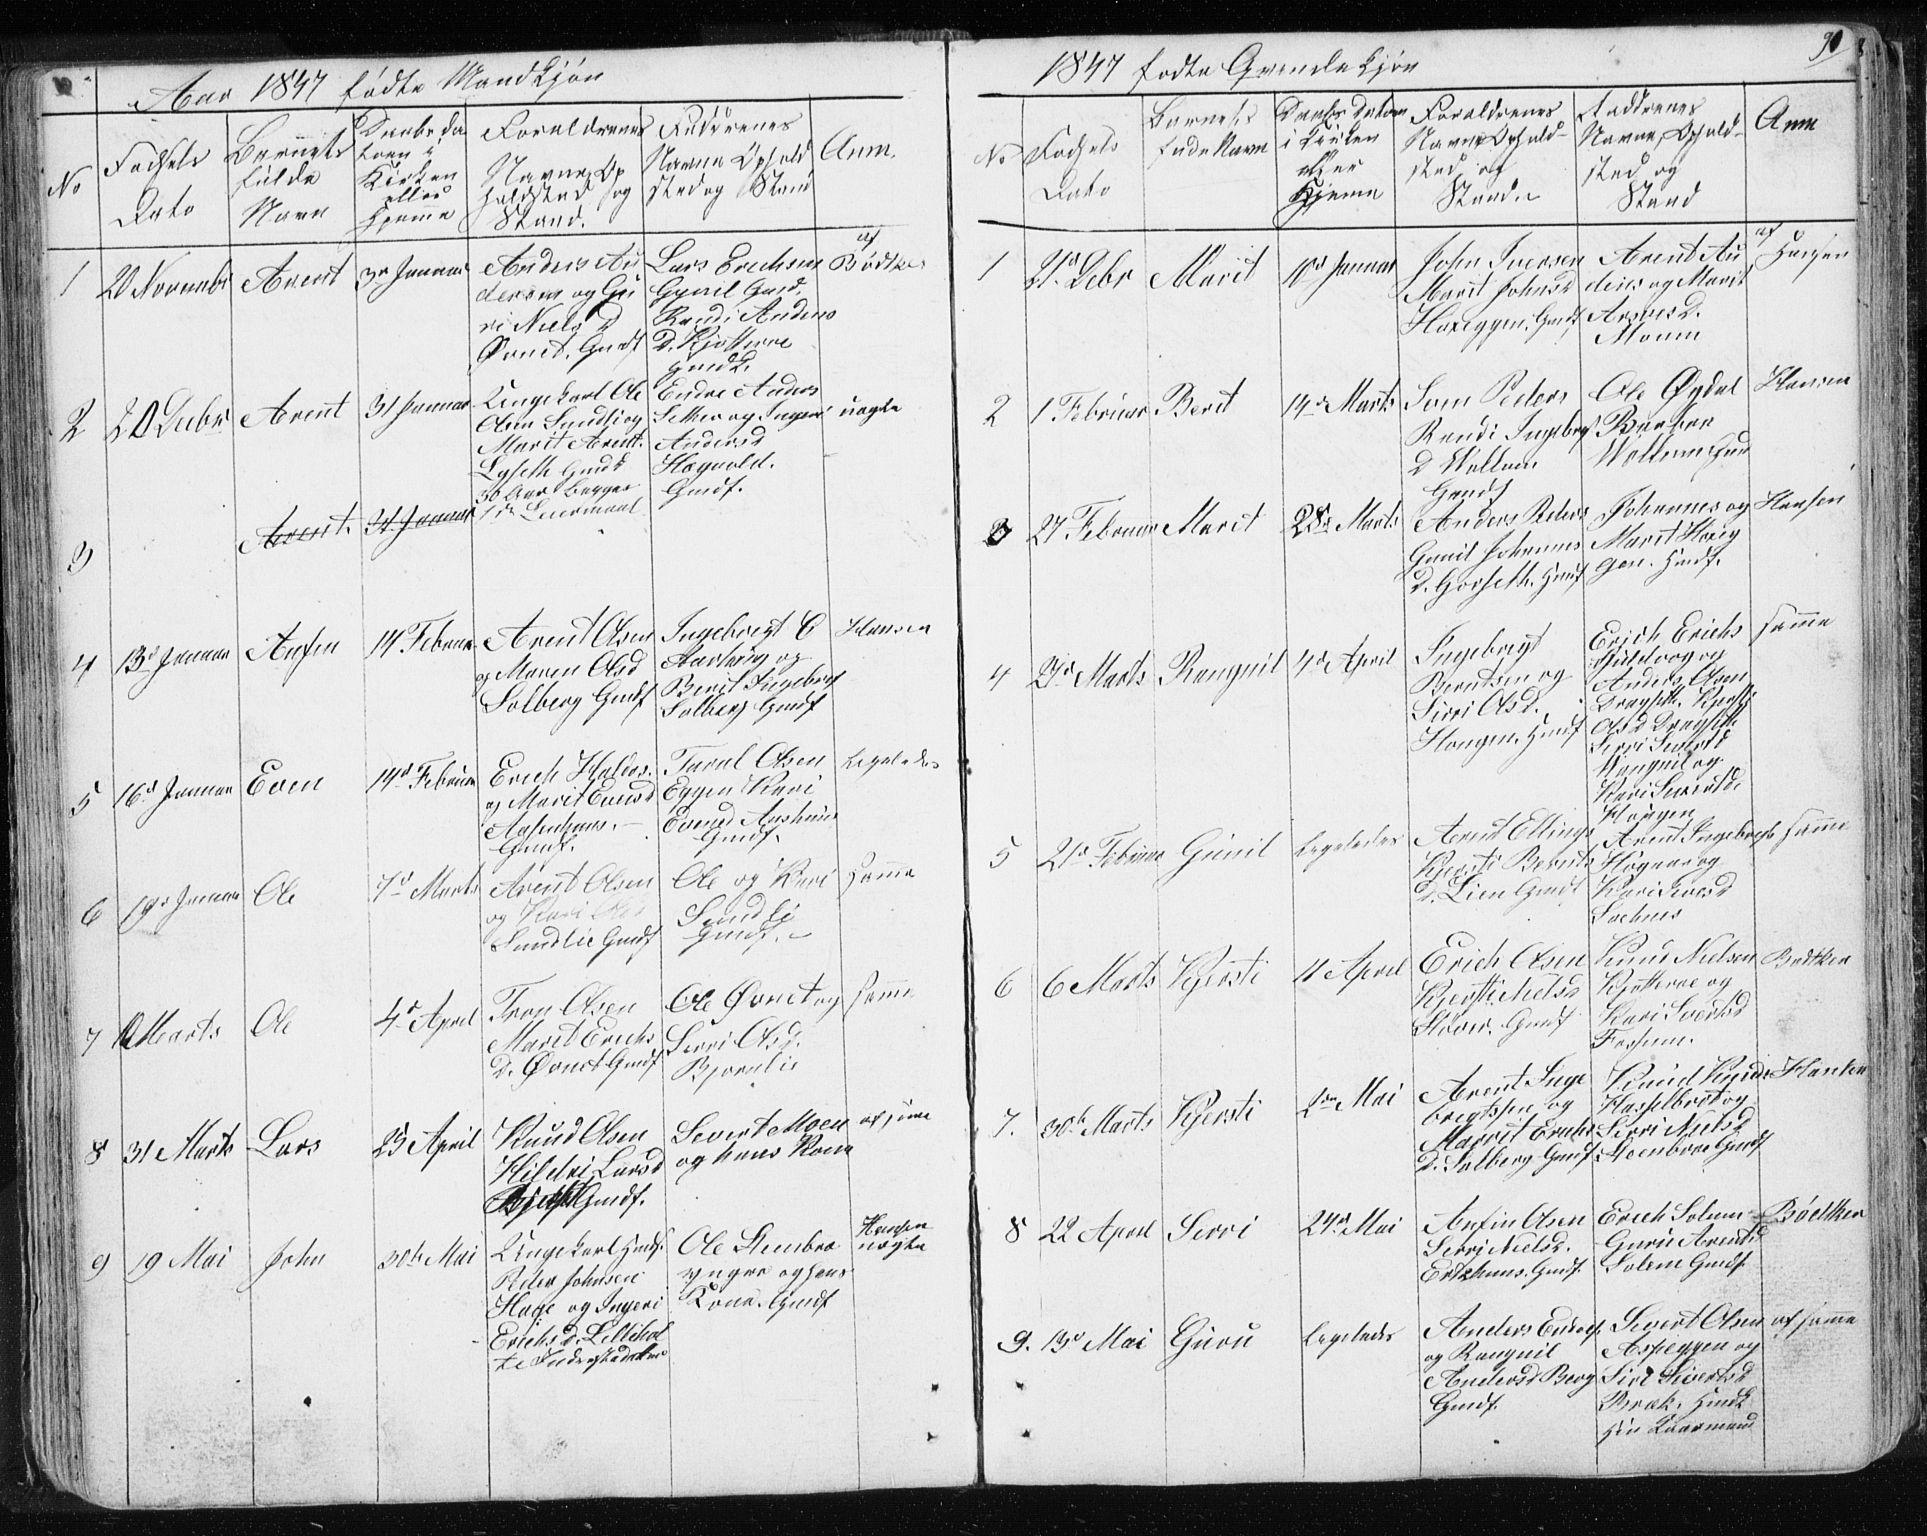 SAT, Ministerialprotokoller, klokkerbøker og fødselsregistre - Sør-Trøndelag, 689/L1043: Klokkerbok nr. 689C02, 1816-1892, s. 91